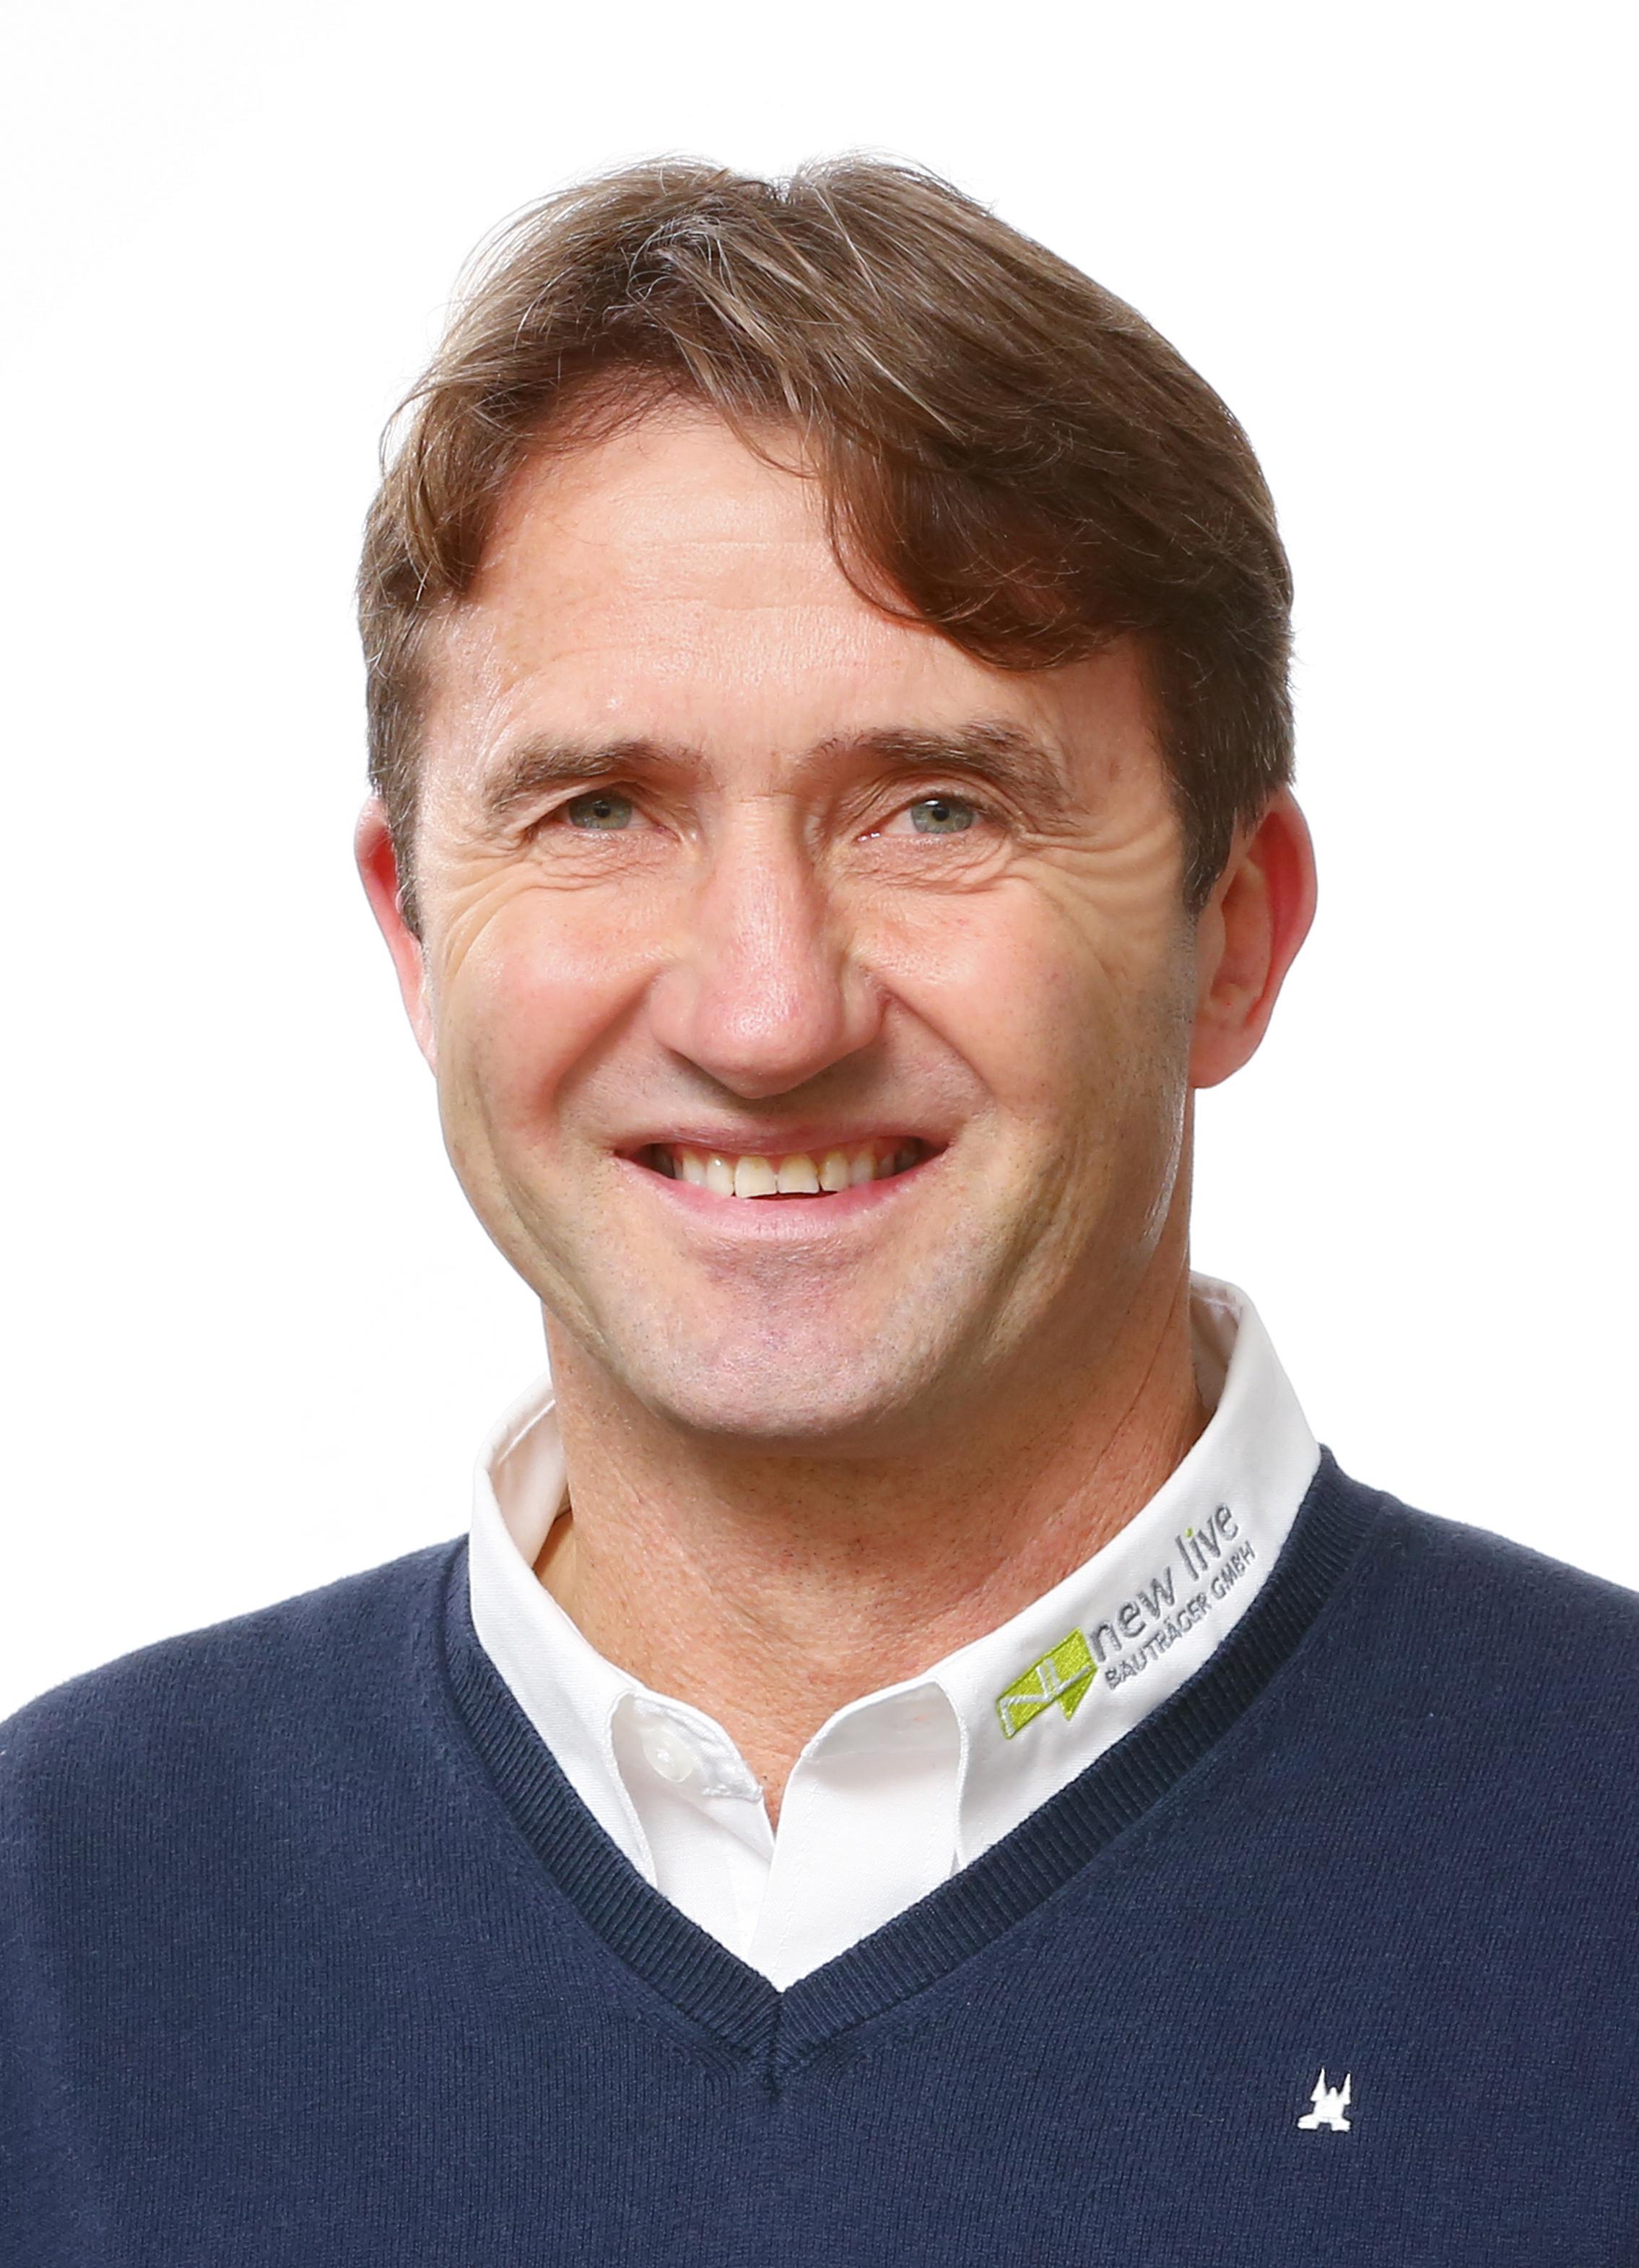 Udo Deppe